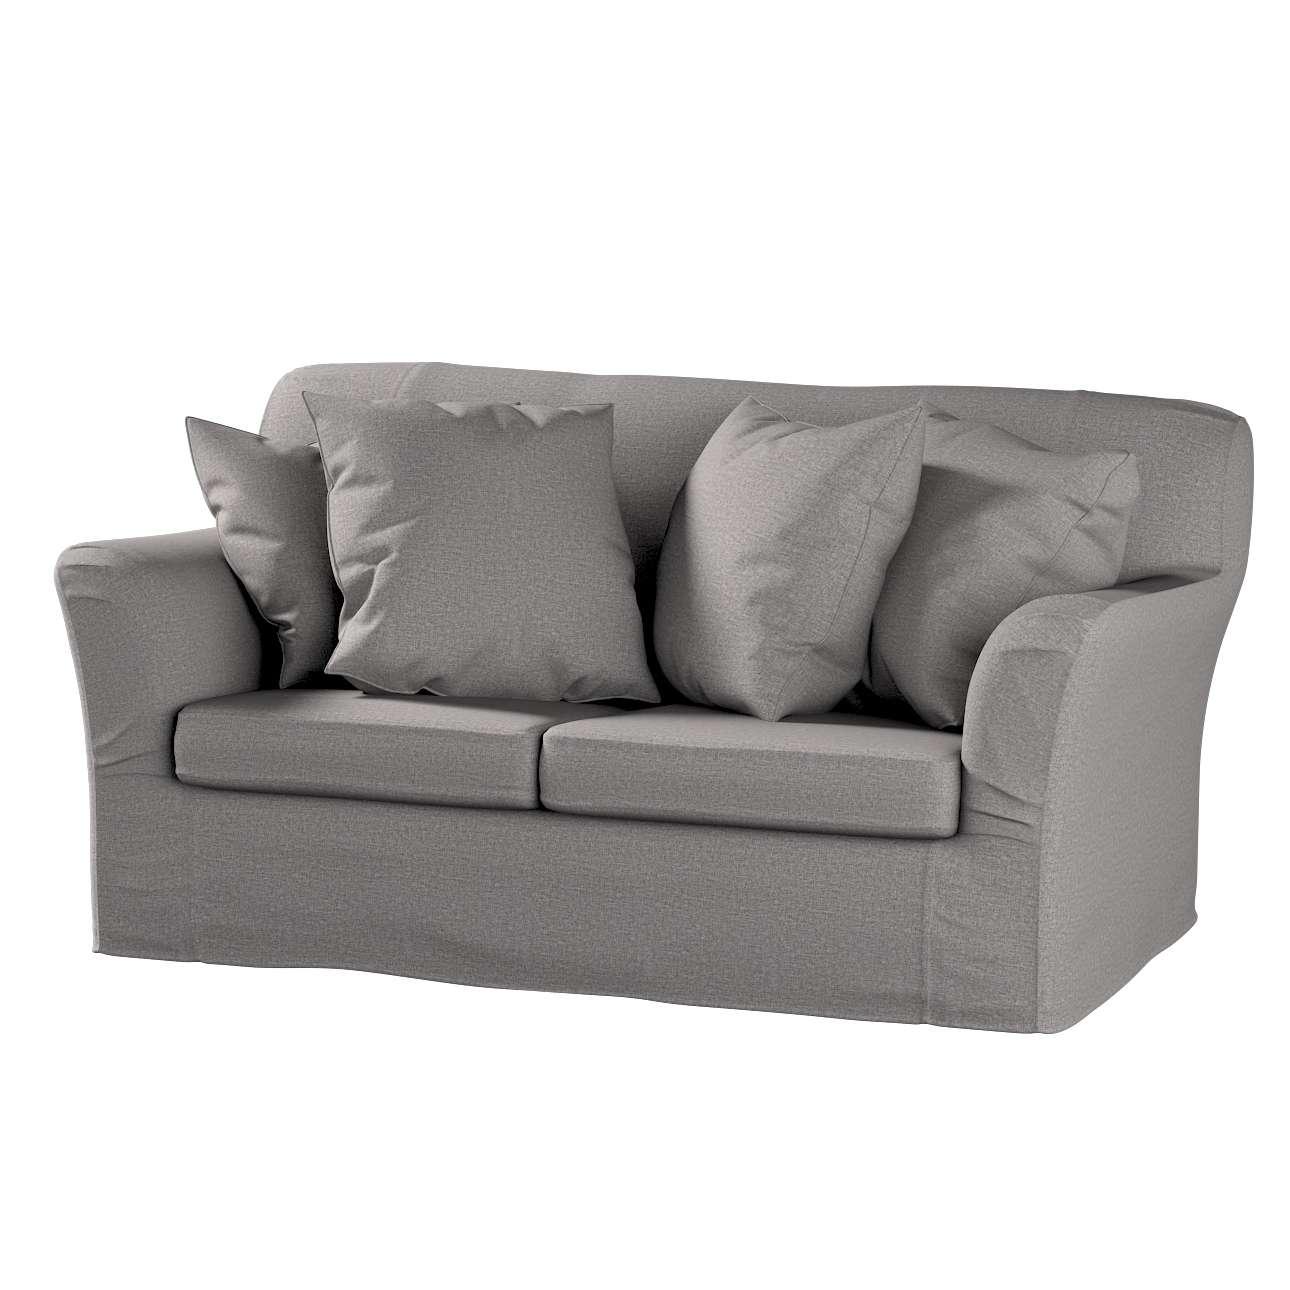 Pokrowiec na sofę Tomelilla 2-osobową nierozkładaną Sofa Tomelilla 2-osobowa w kolekcji Edinburgh, tkanina: 115-81